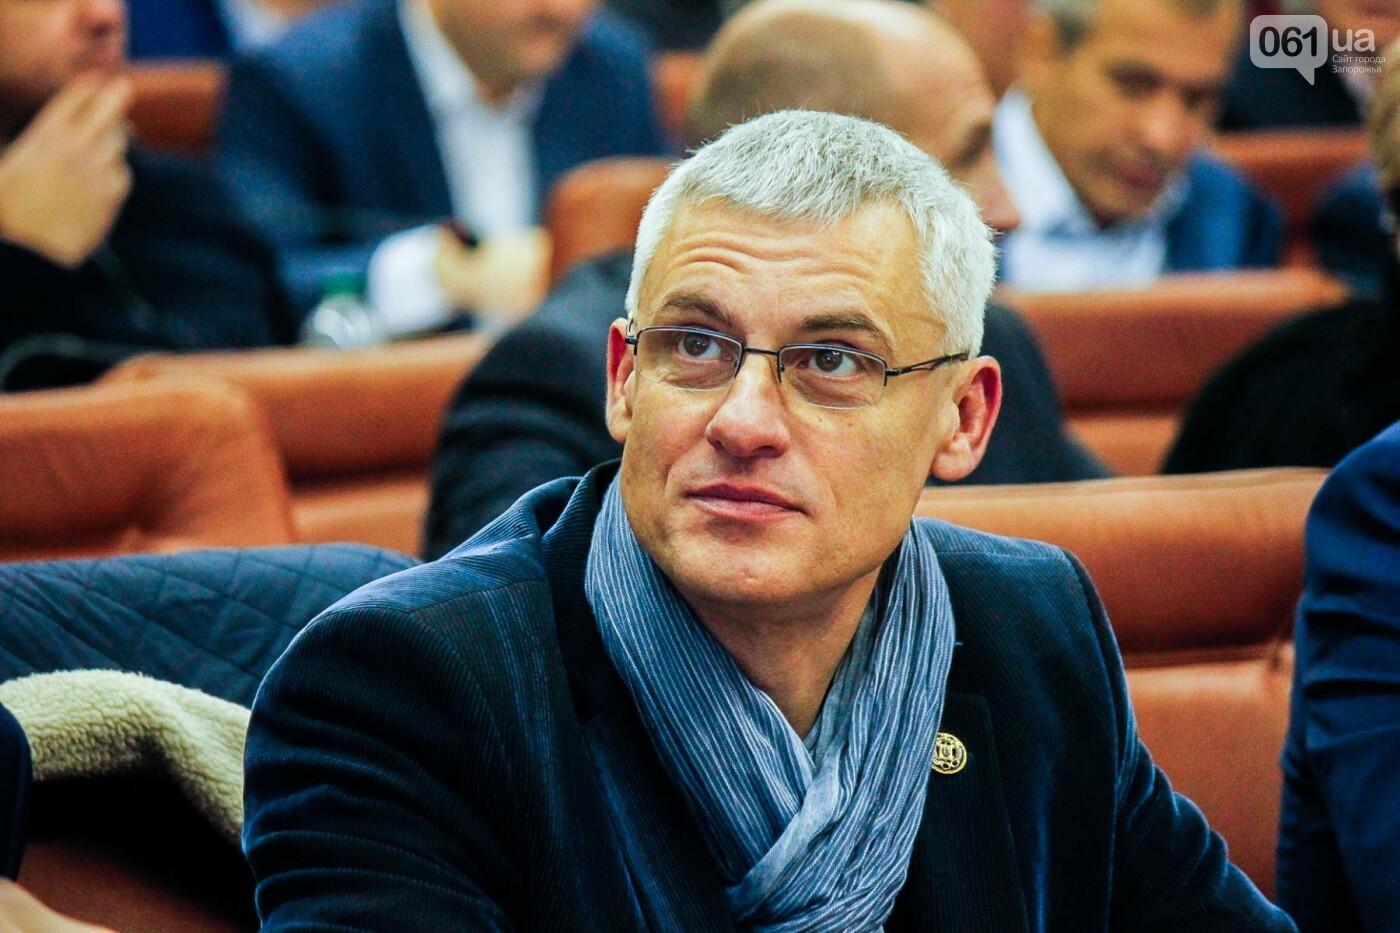 Сессия запорожского горсовета в лицах, - ФОТОРЕПОРТАЖ, фото-44